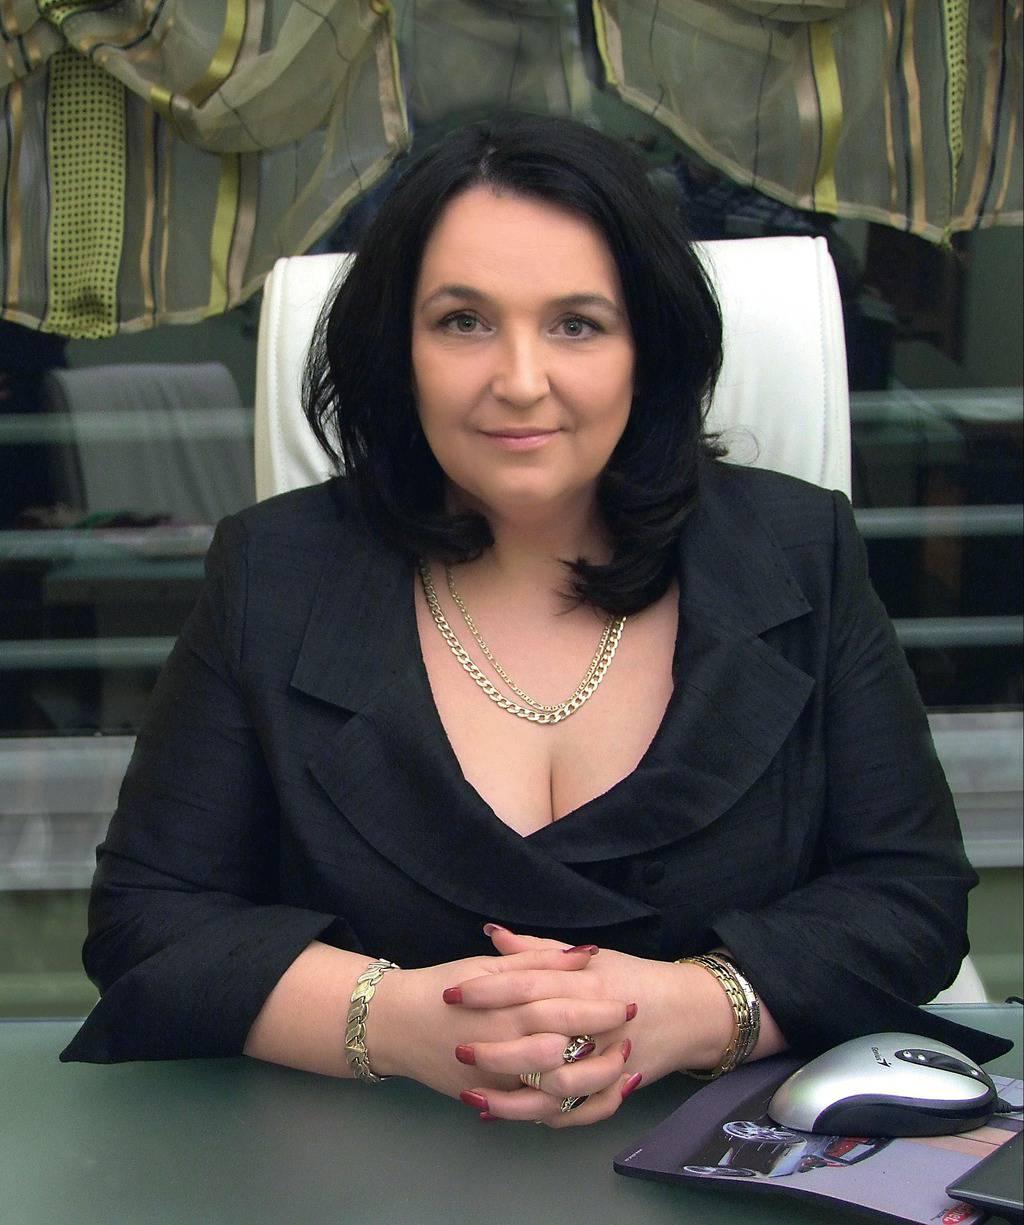 Fatima Tomičić